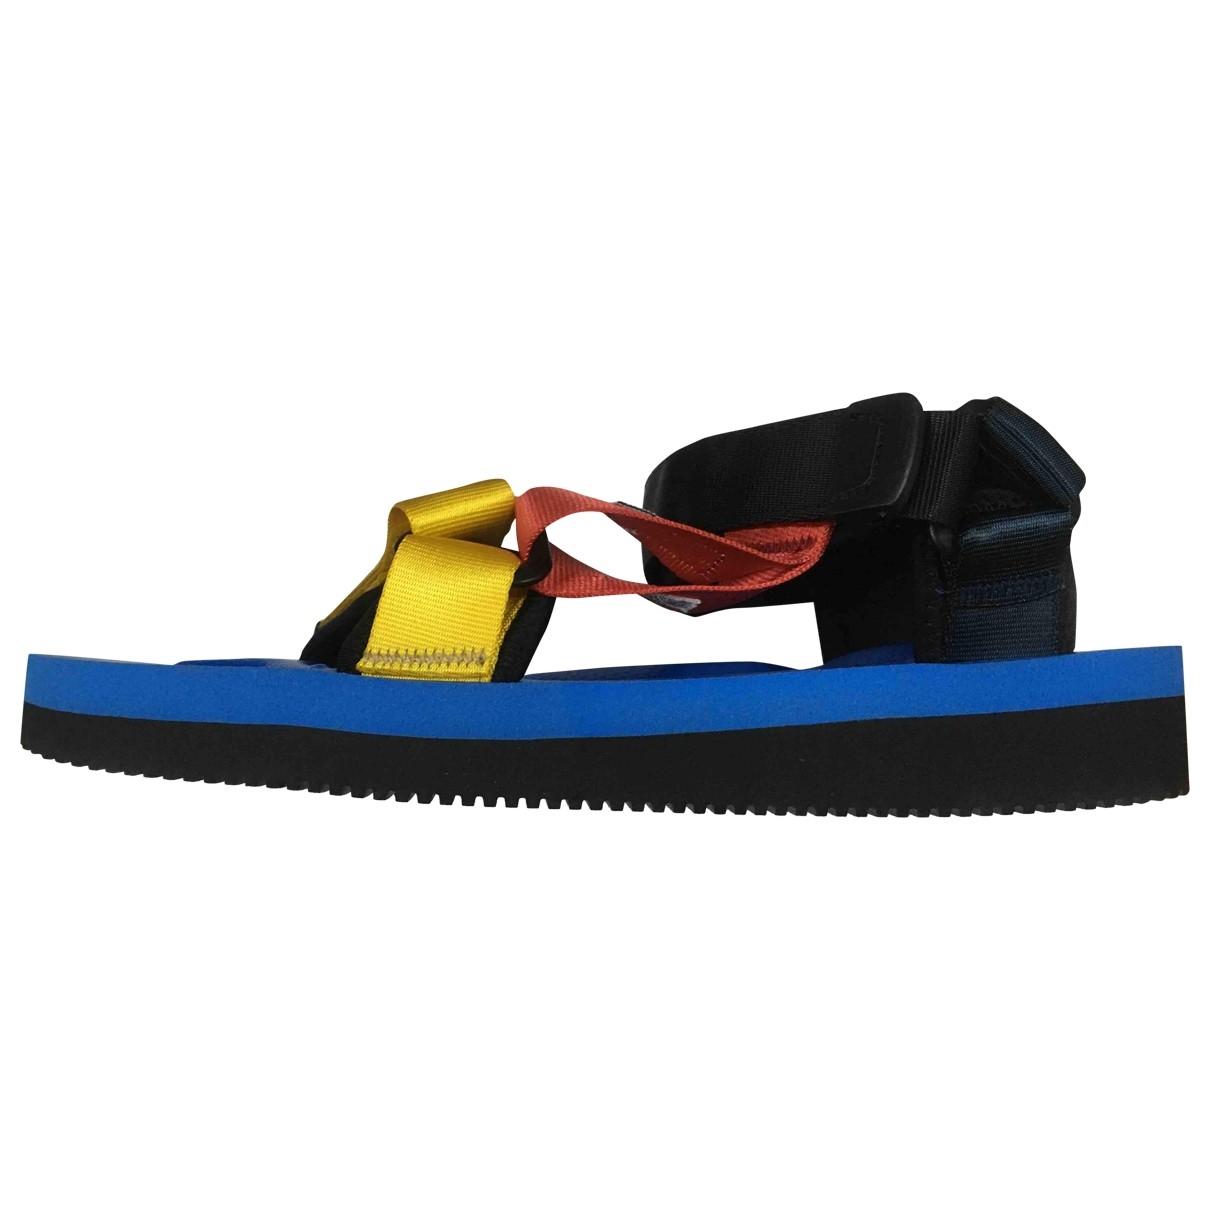 Suicoke - Sandales   pour homme en caoutchouc - multicolore